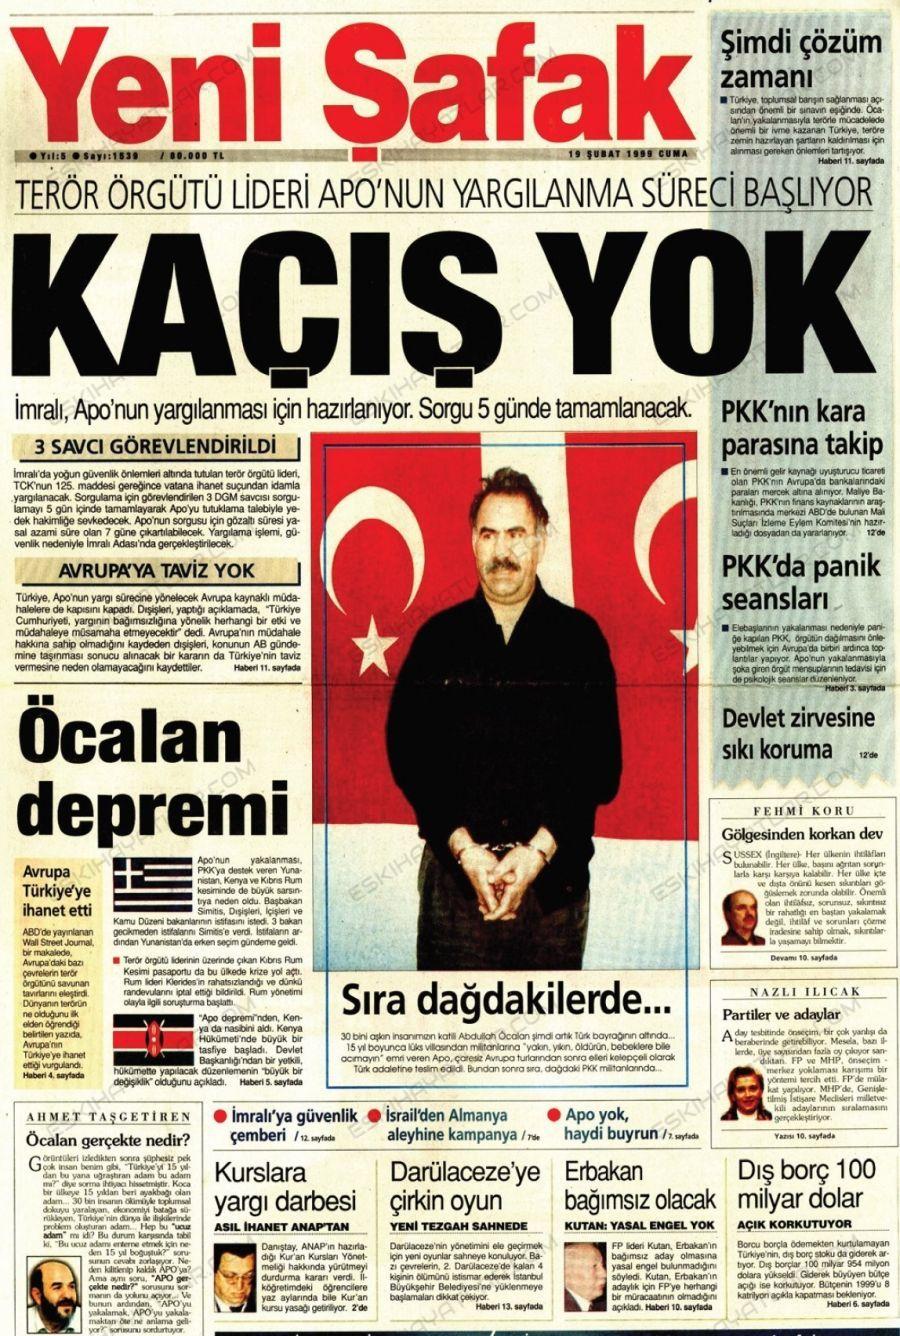 0223-abdullah-ocalan-yakalandi-1999-yili-gazete-arsivi-yeni-safak